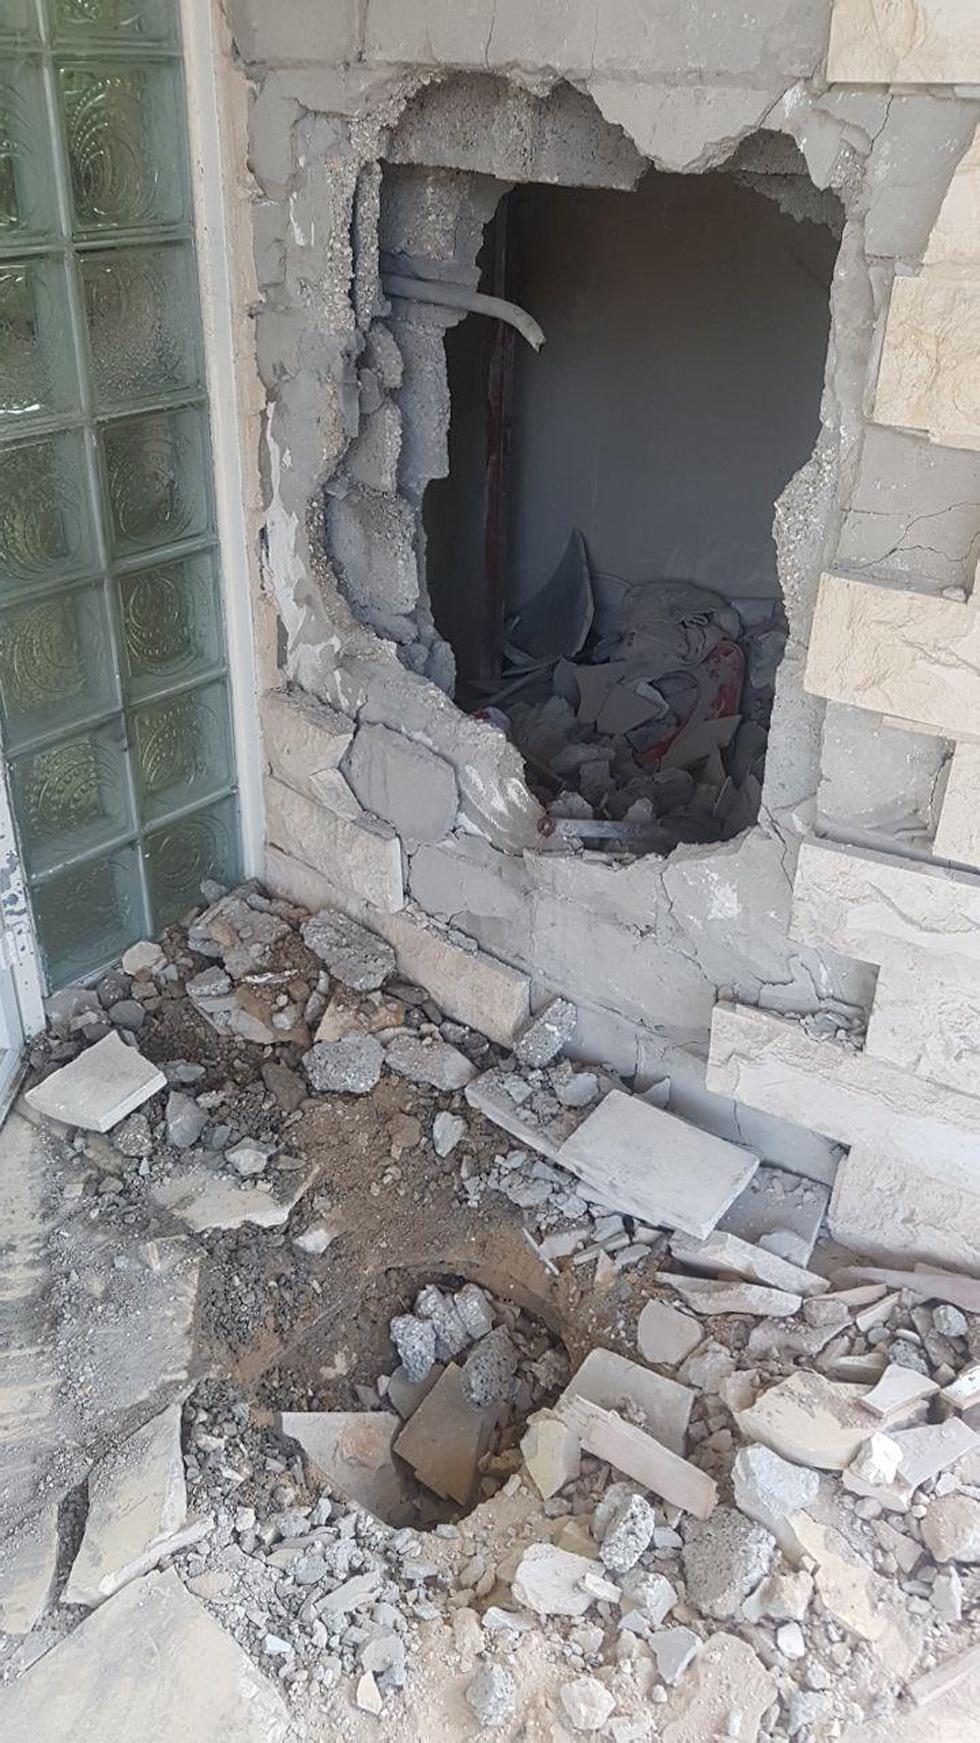 נזק בבית בקריית גת בעקבות נפילת רקטה (צילום: משי בן עמי)